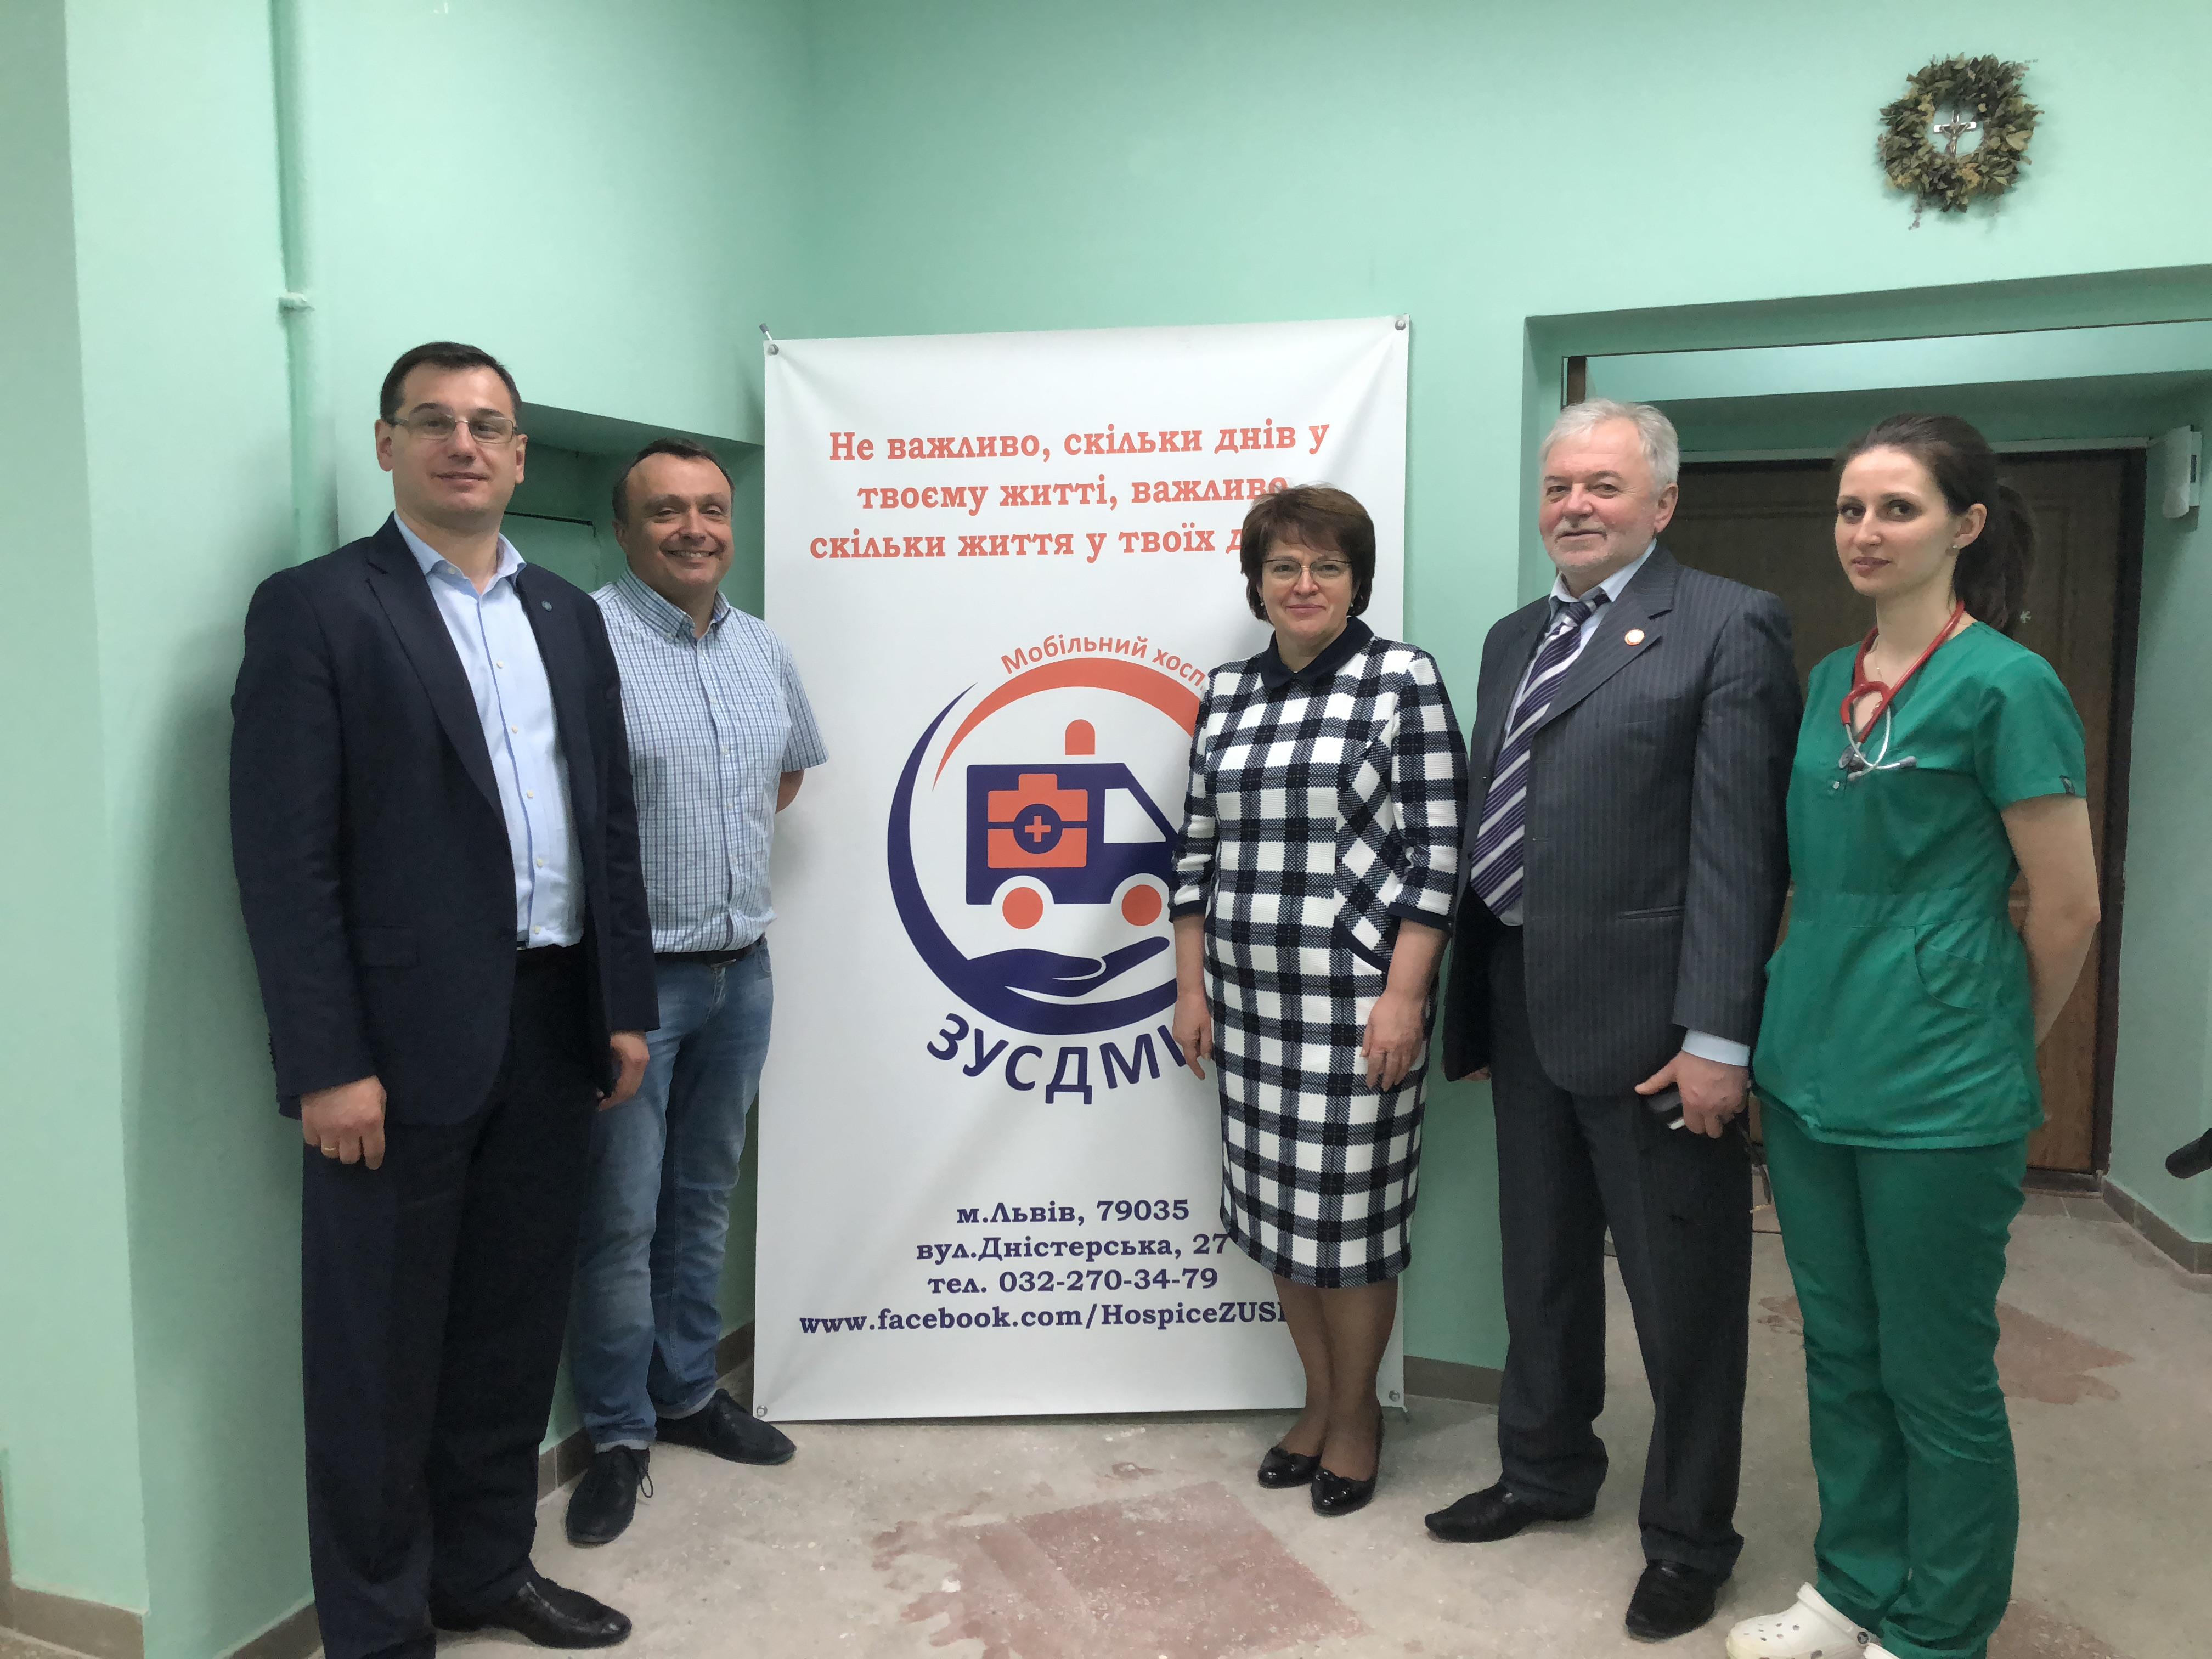 Візит до Західноукраїнського спецалізованого дитячого медичного центру